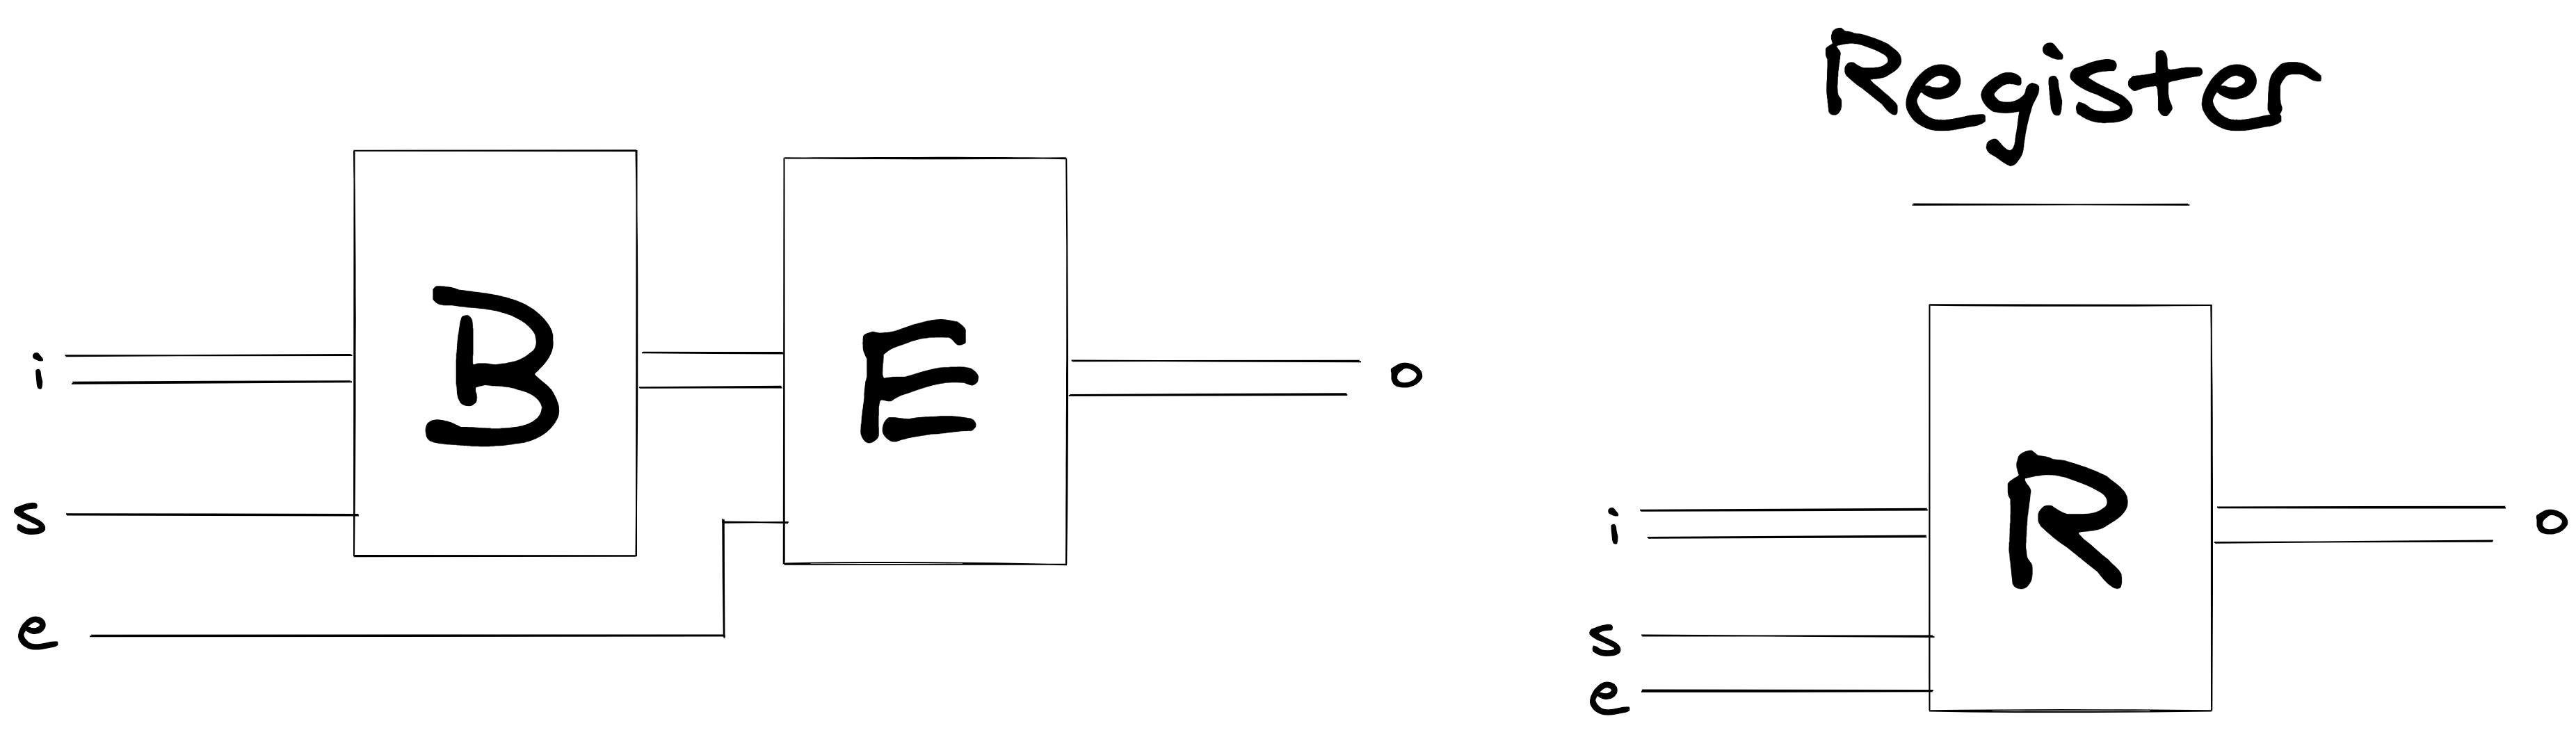 umair-akbar-aHR0cHM6Ly91c2VyLWltYWdlcy5naXRodWJ1c2VyY29udGVudC5jb20vOTg0NTc0Lzk1Nzc2ODI1LTEwNjk2MzAwLTBjOTMtMTFlYi05NDZhLWM4M2Y3YzU0ODFmMS5wbmc - Simulating RAM in Clojure